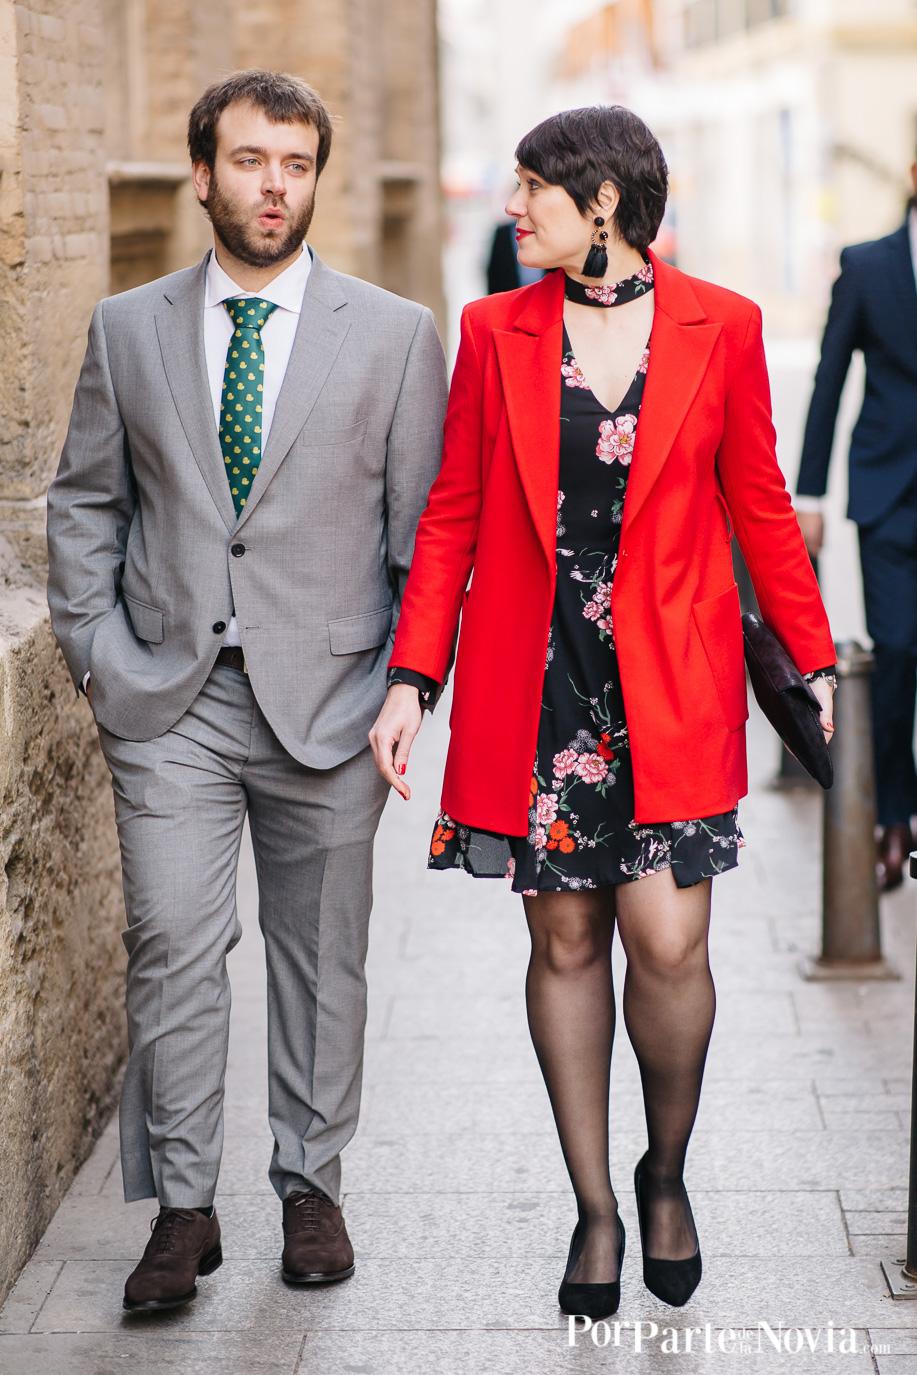 Maria y Jaime 0484 web.jpg